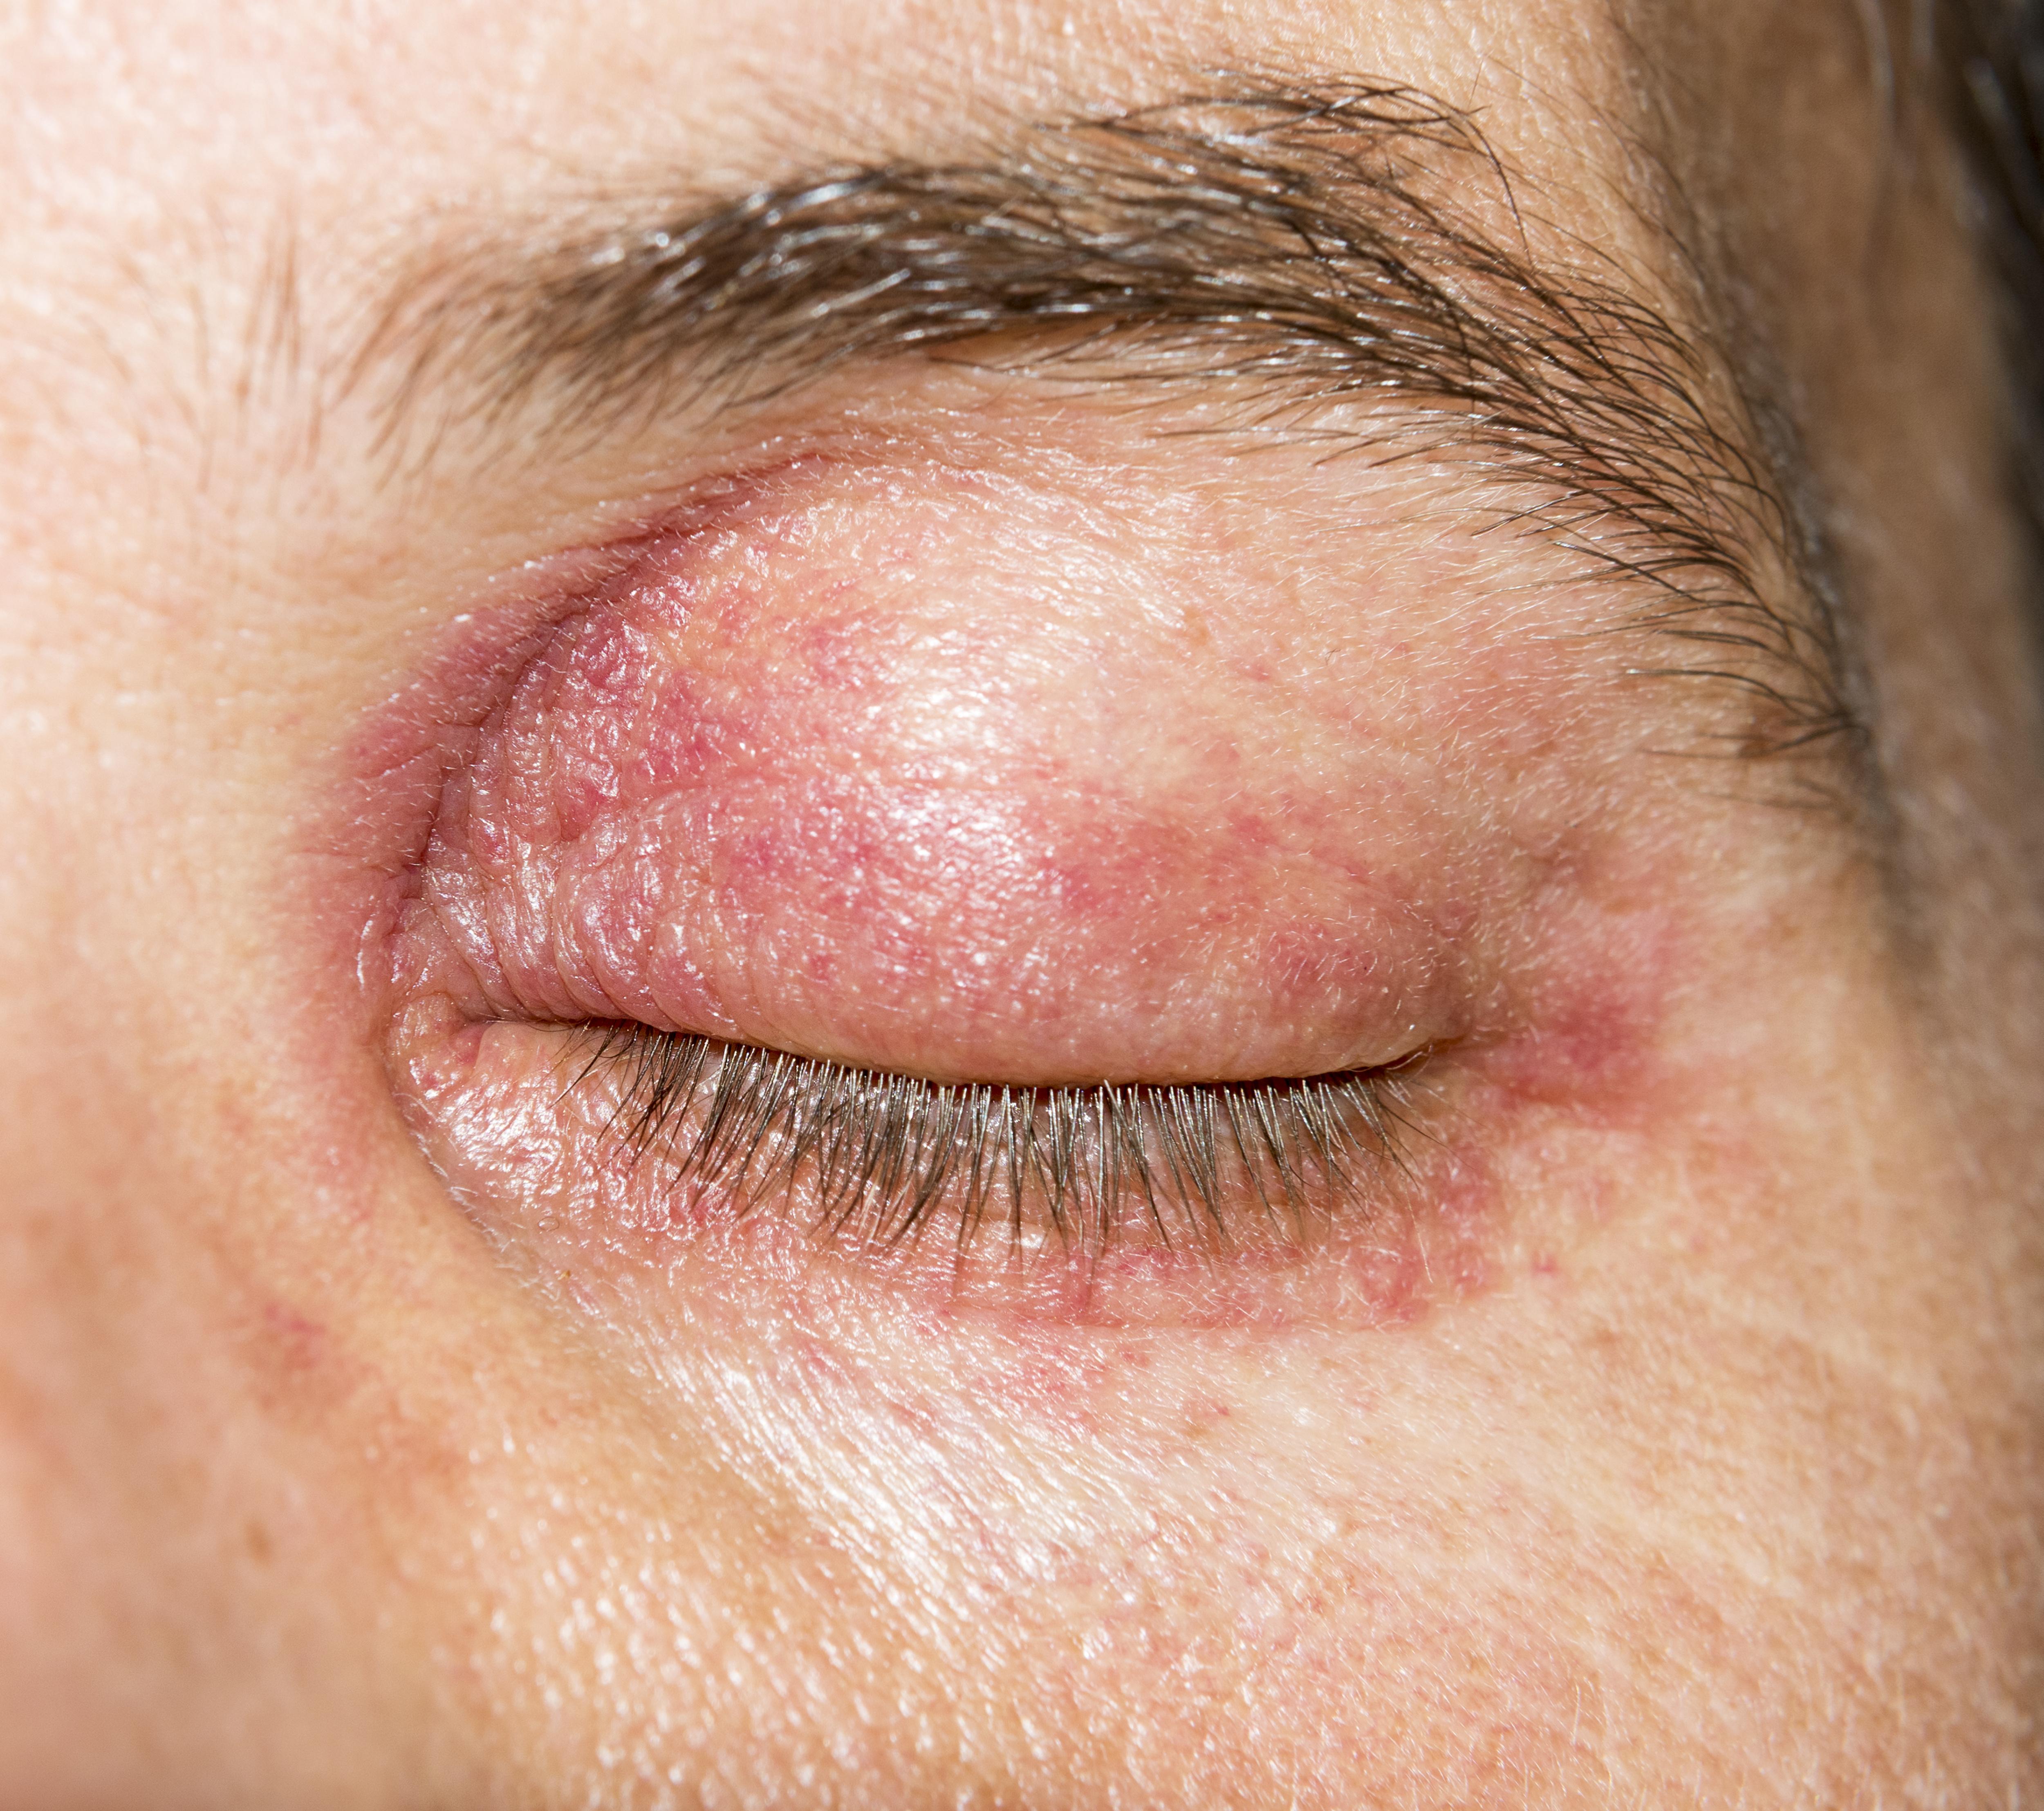 Vörös foltok a bőrön népi gyógymódok, Hámló bőr visszér